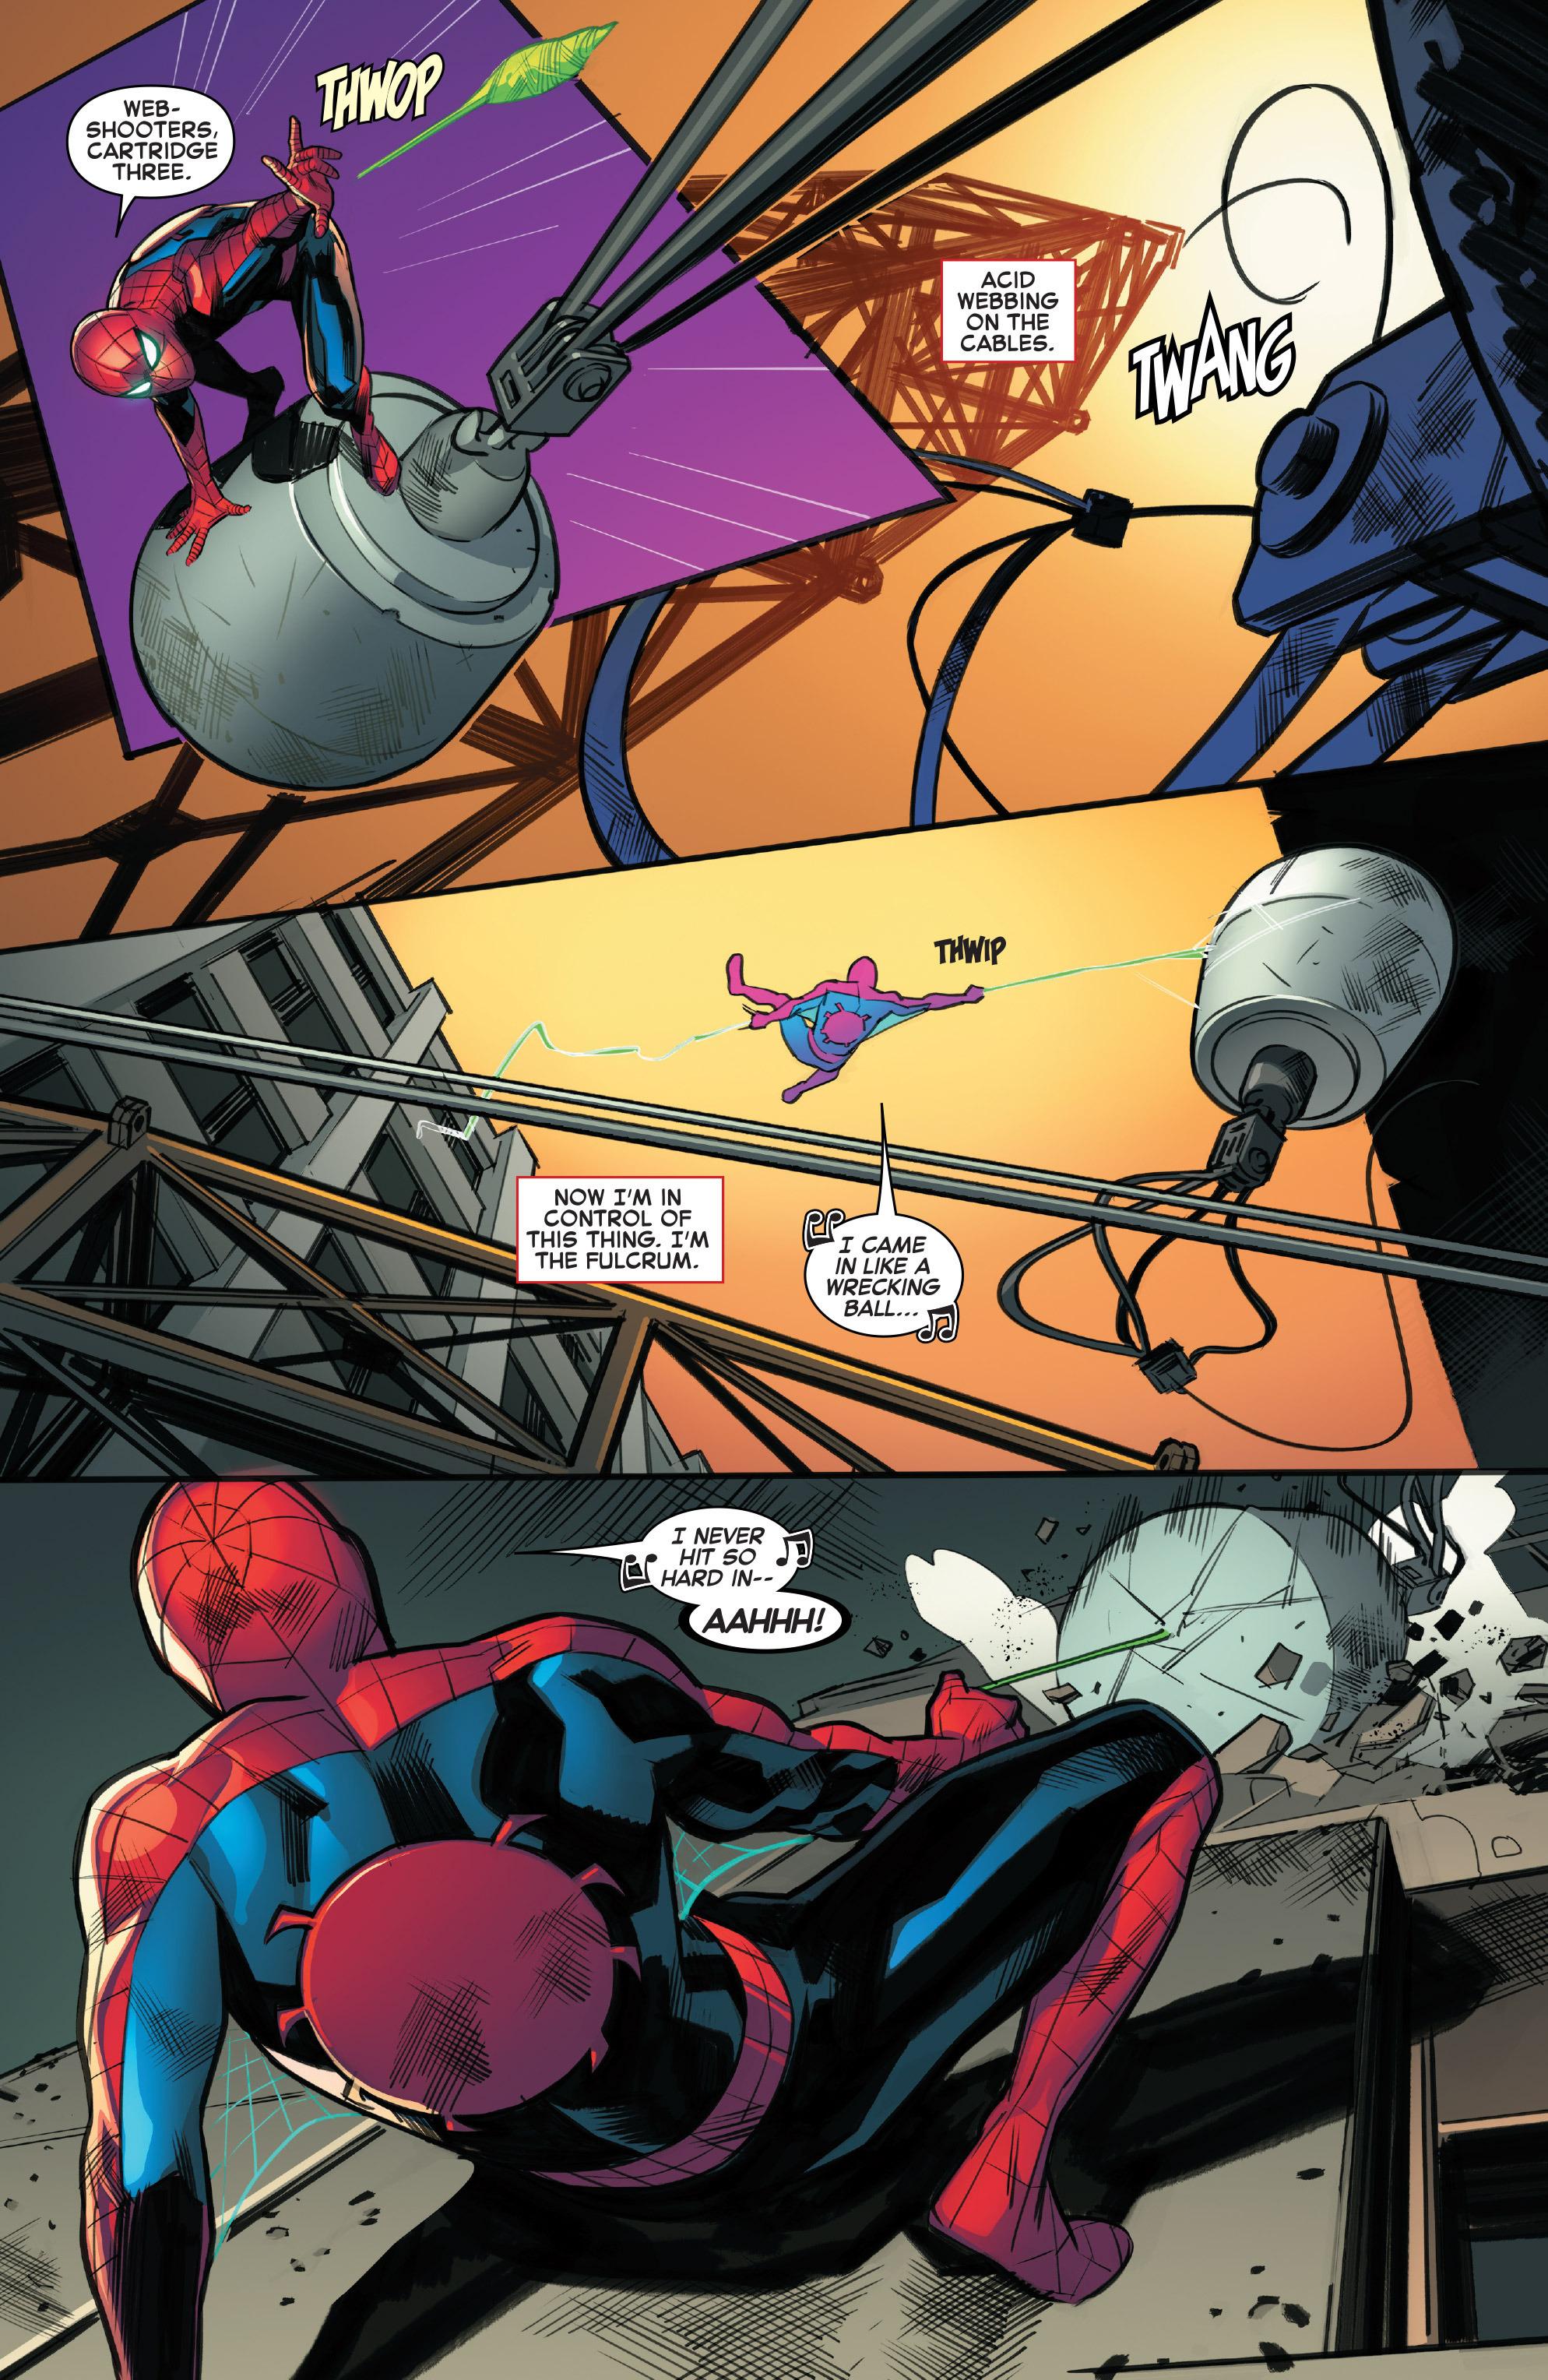 4 bộ giáp siêu khủng có thể giúp sức mạnh của Người Nhện tăng lên như hổ mọc thêm cánh trong Spider-Man Far From Home - Ảnh 24.